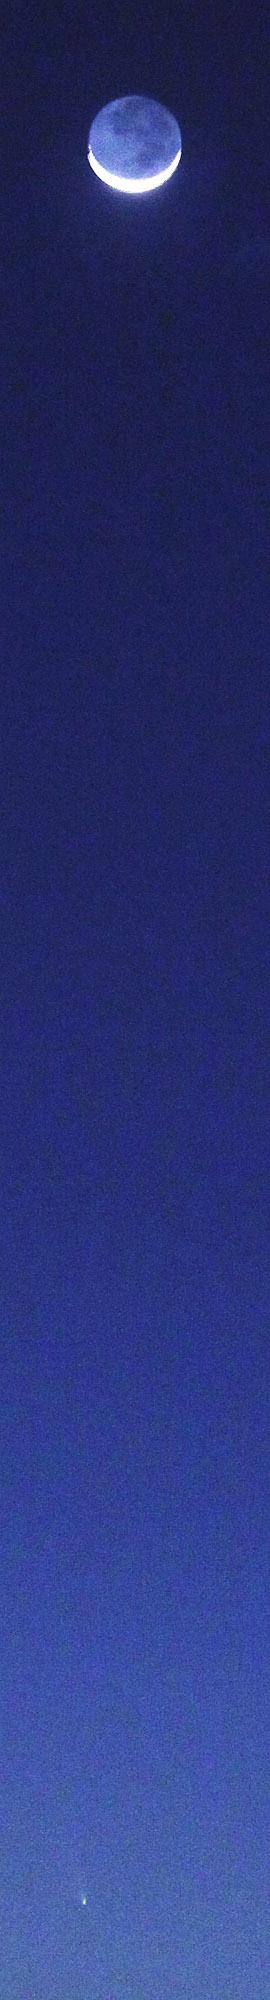 web_moon_comet_0012